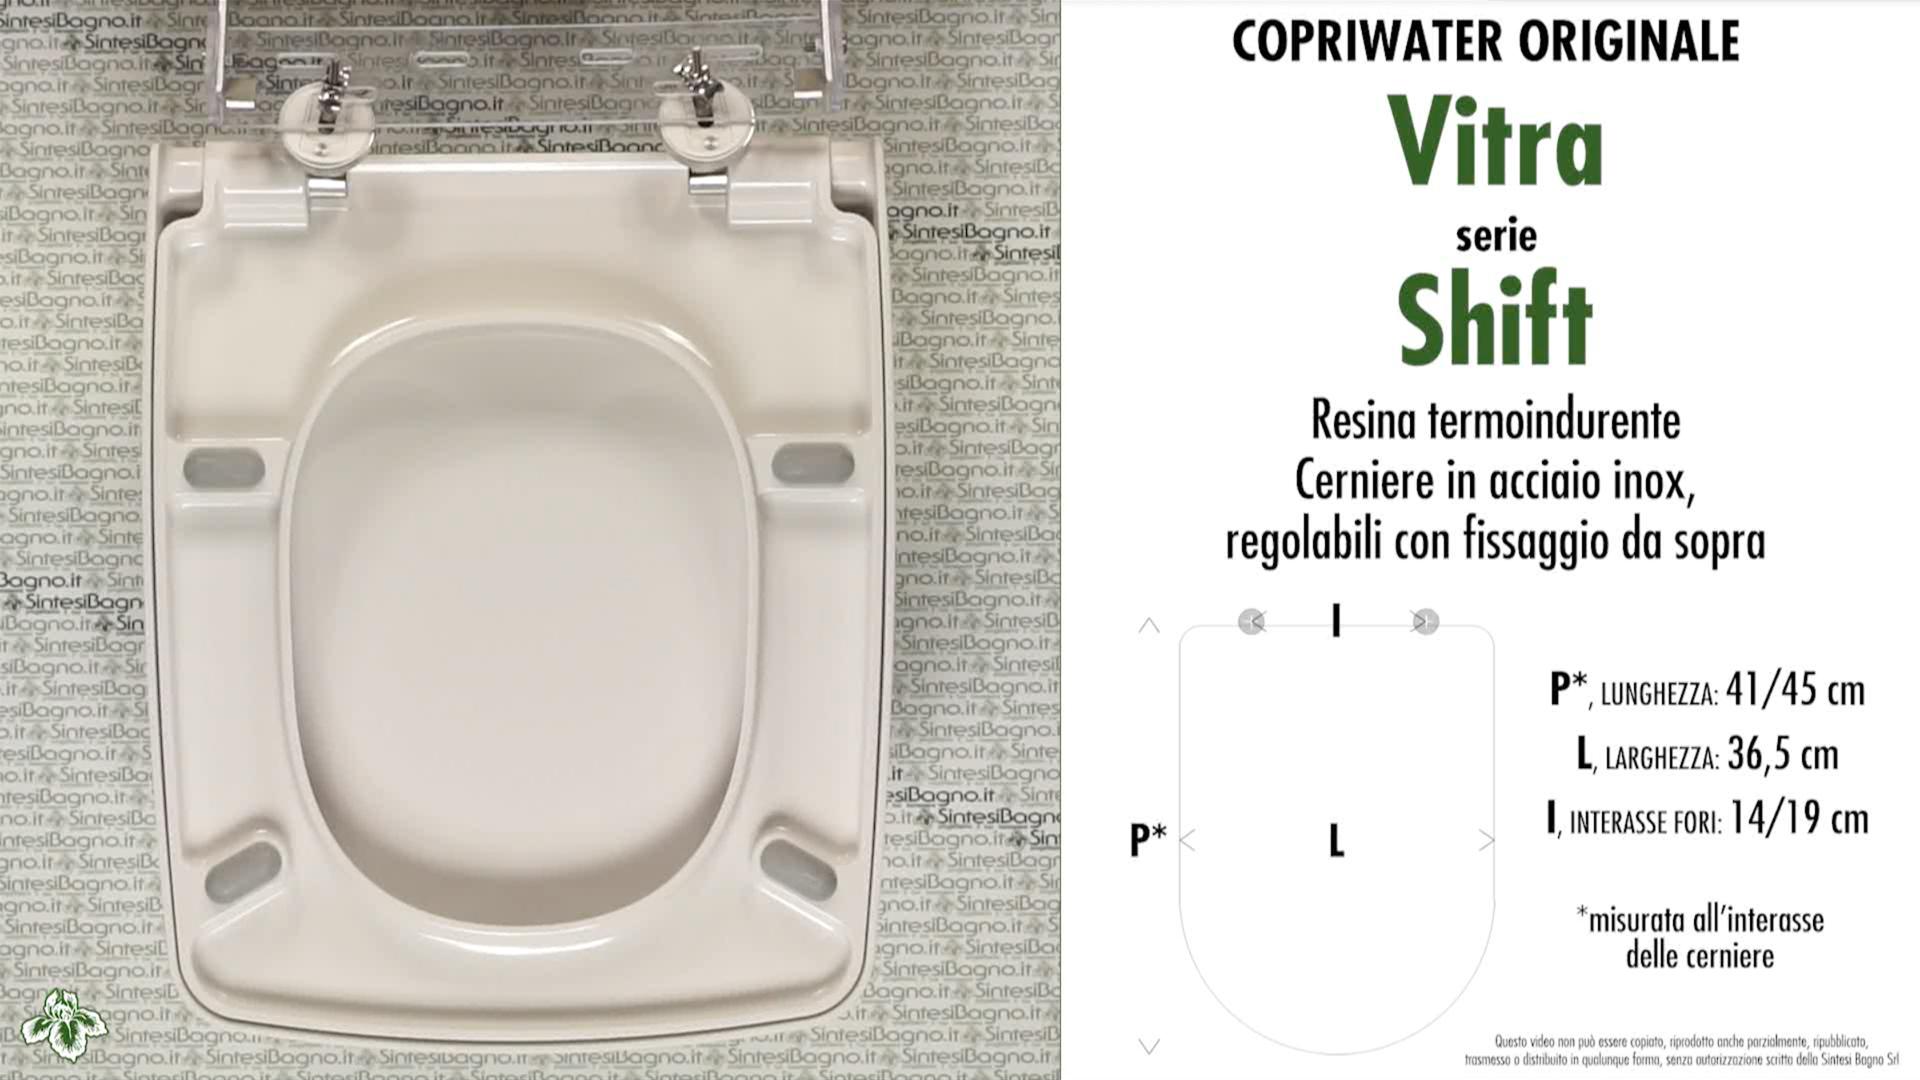 SCHEDA TECNICA MISURE copriwater VITRA SHIFT